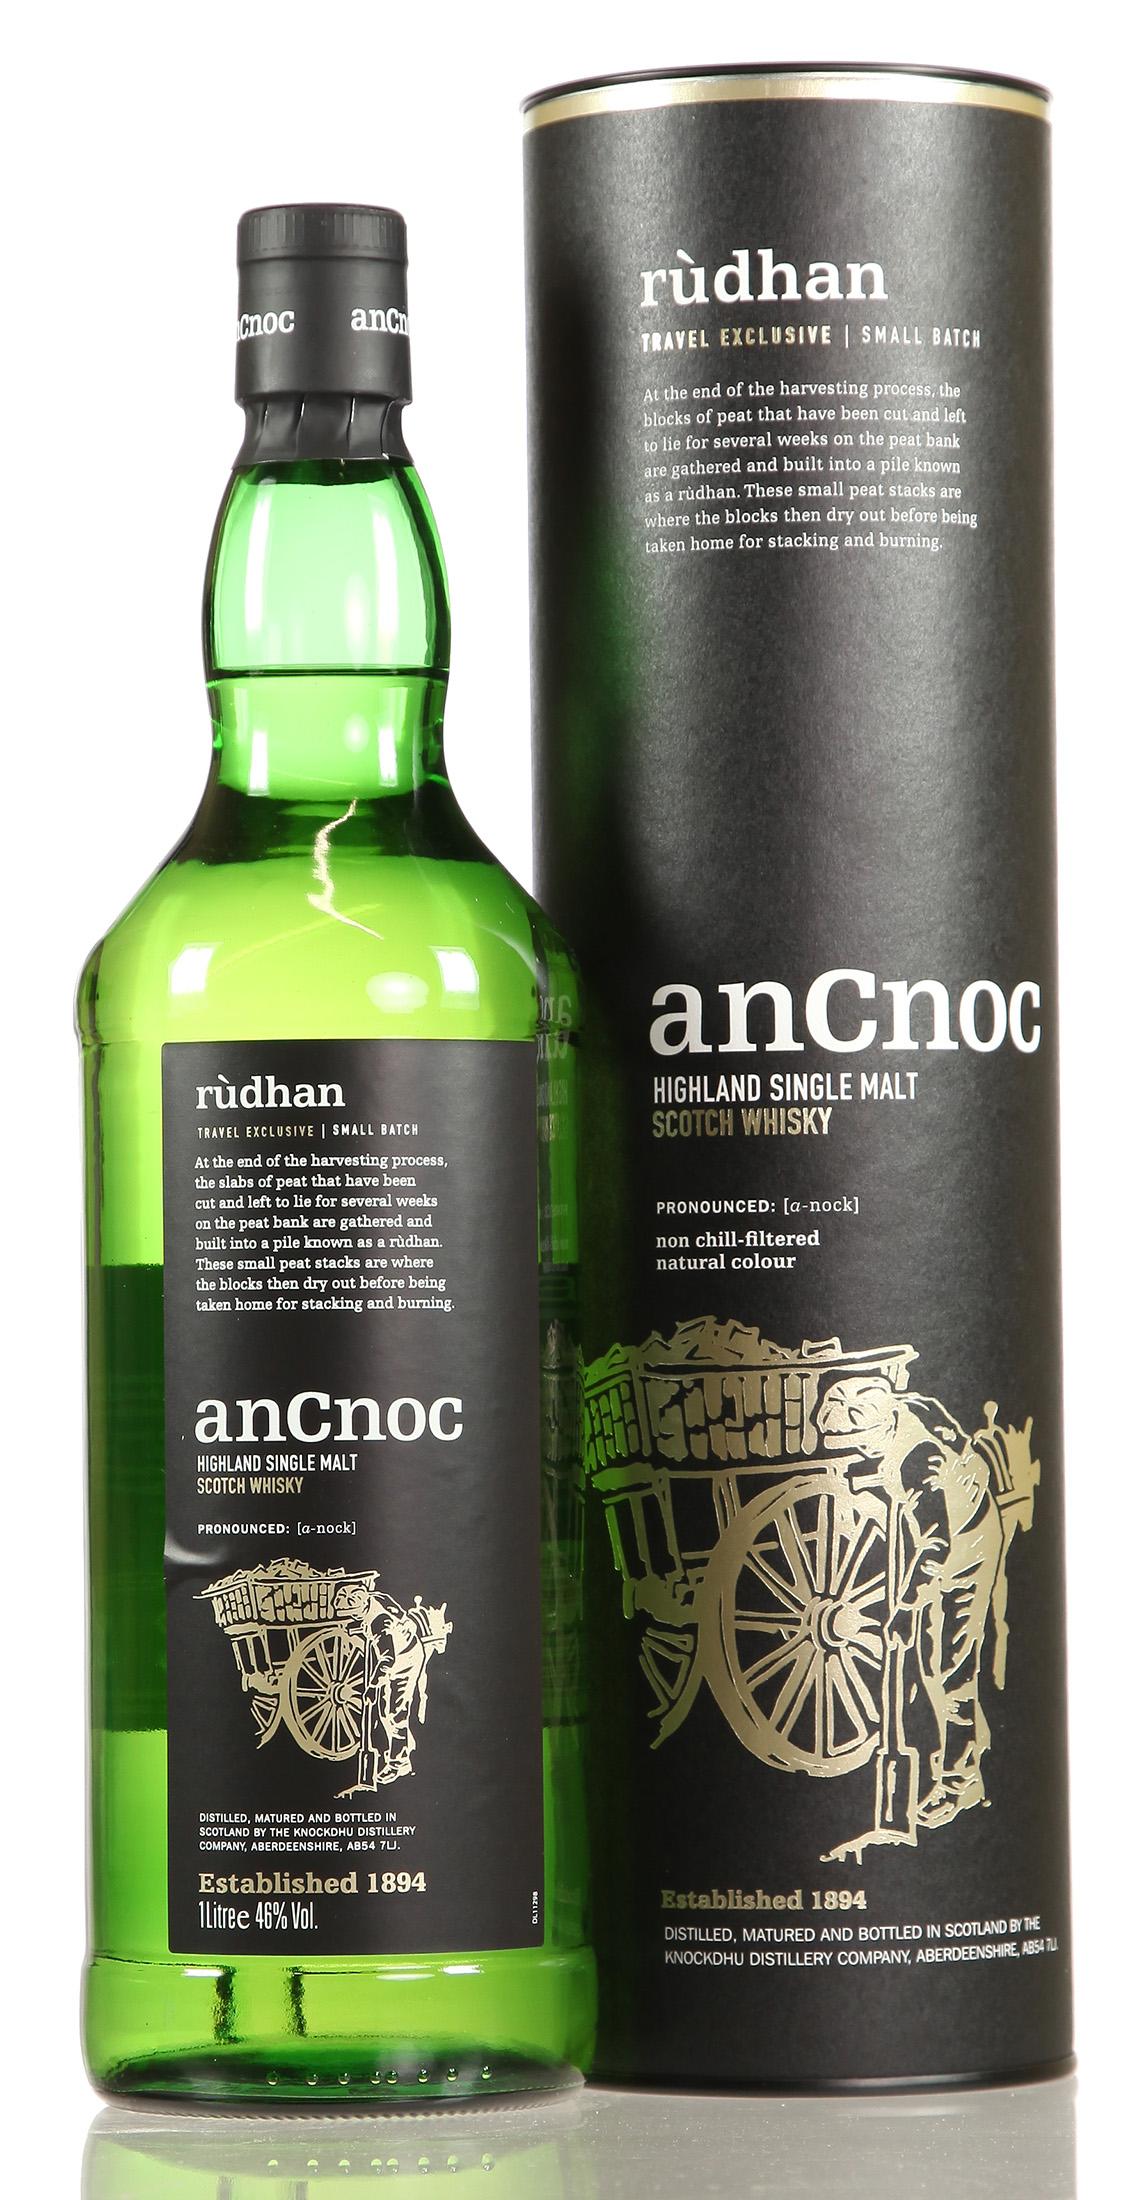 AnCnoc Rudhan